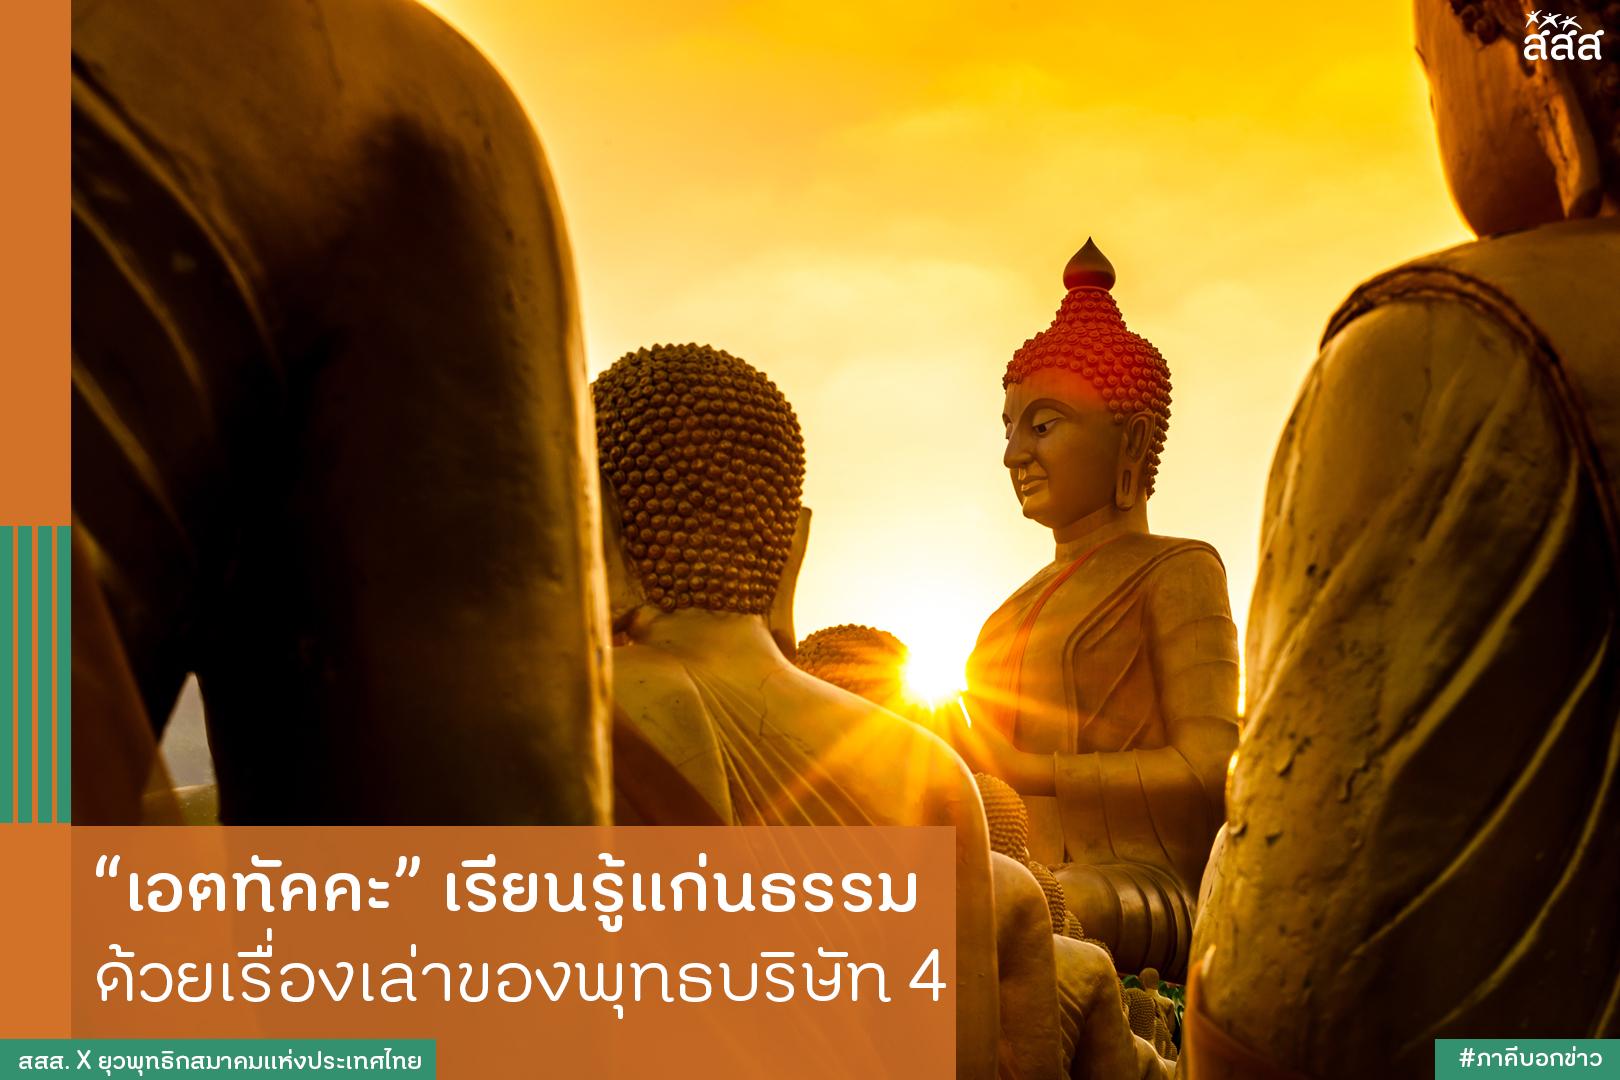 เอตทัคคะเรียนรู้แก่นธรรม ด้วยเรื่องเล่าของพุทธบริษัท 4 thaihealth